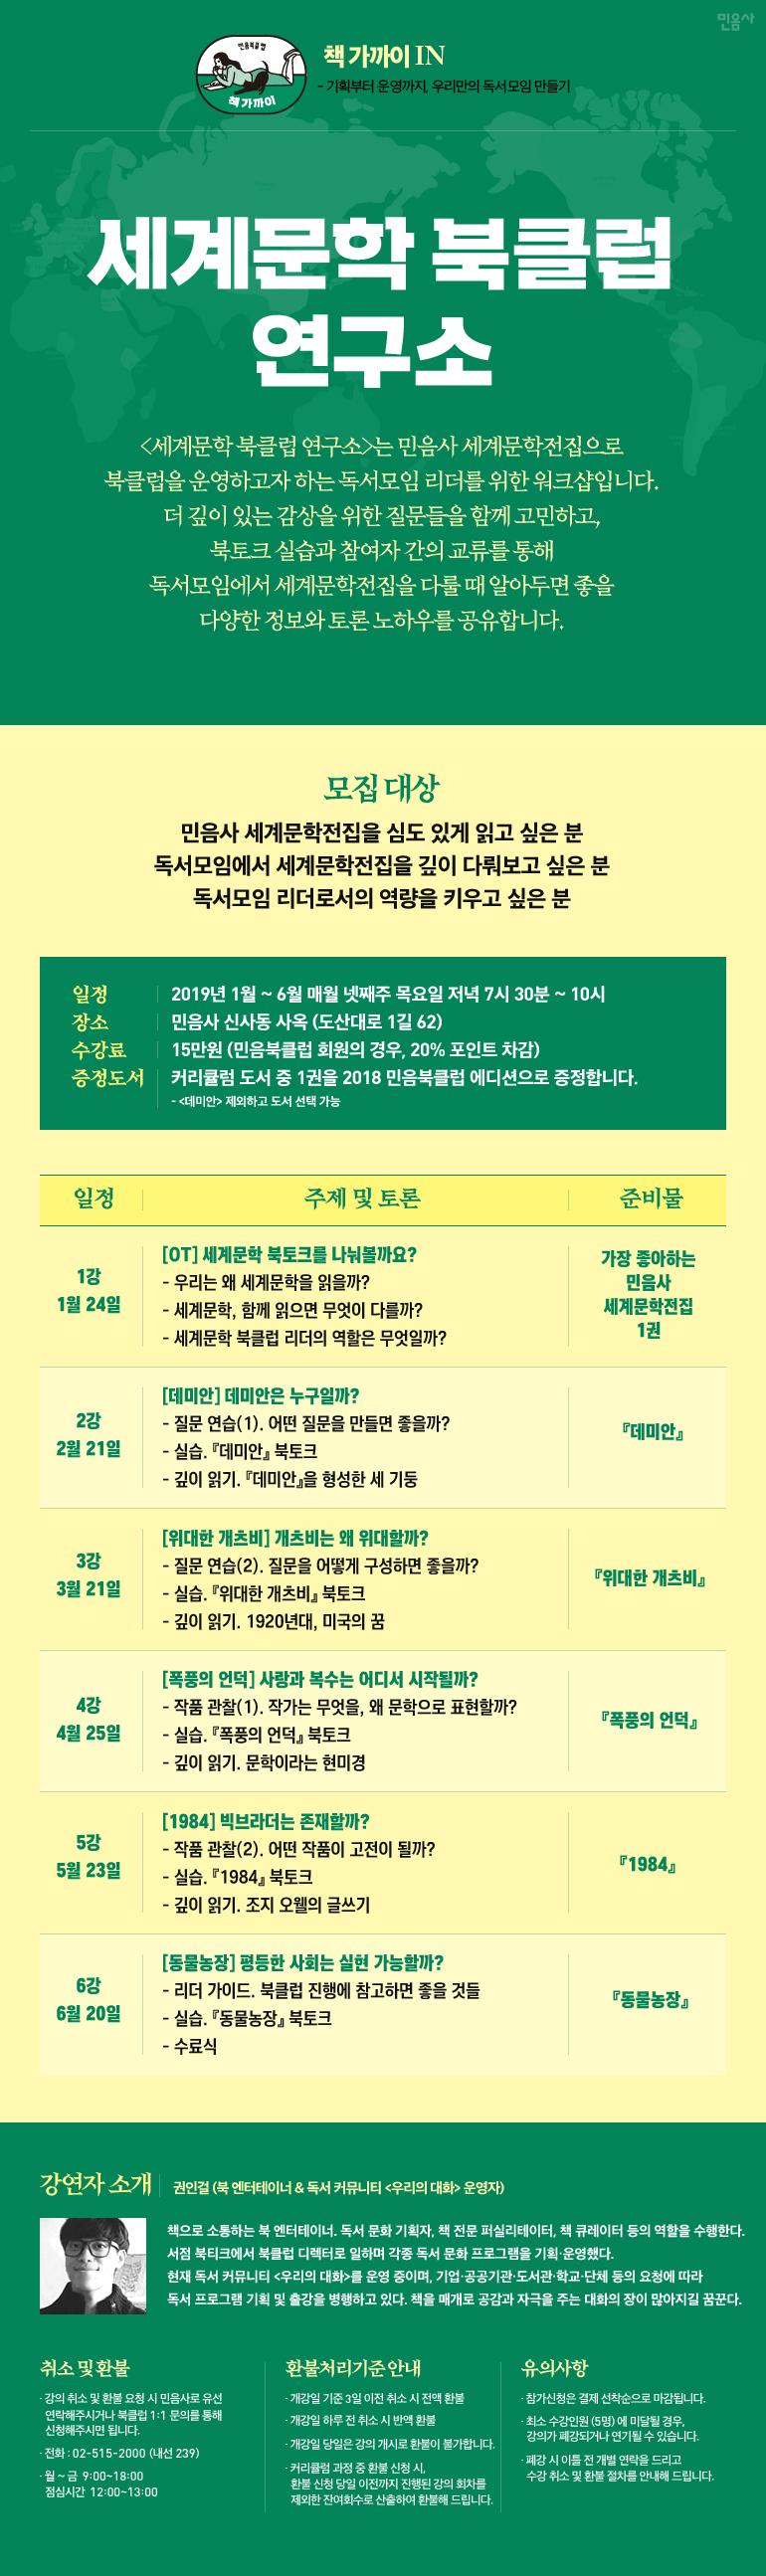 민음사_책가까이_나의북클럽제작소_01 (2)